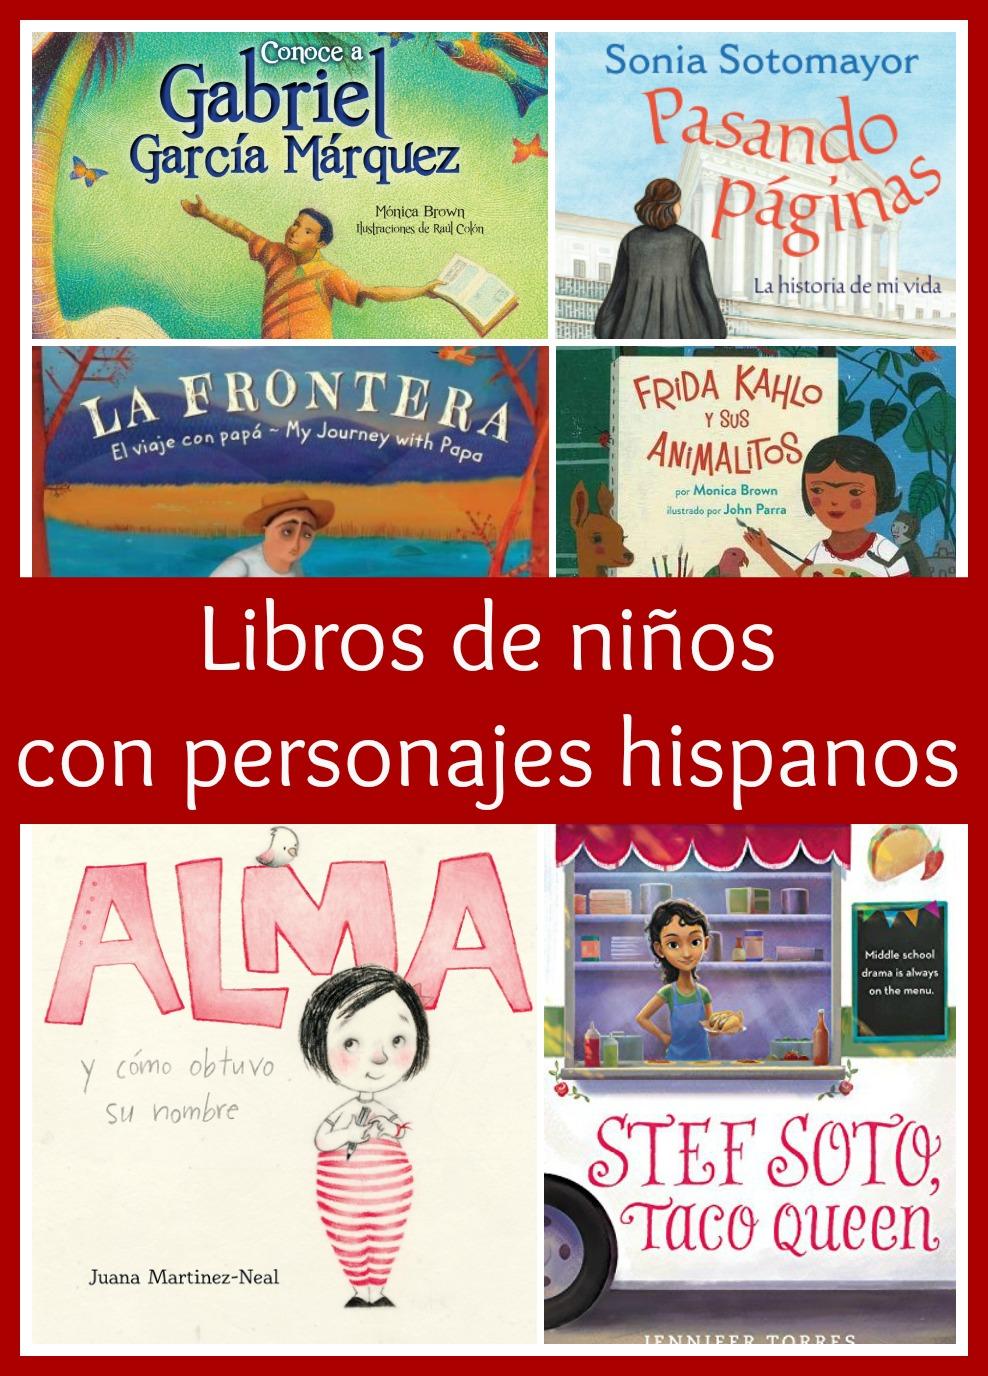 Libros de niños con personajes hispanos que te encantarán